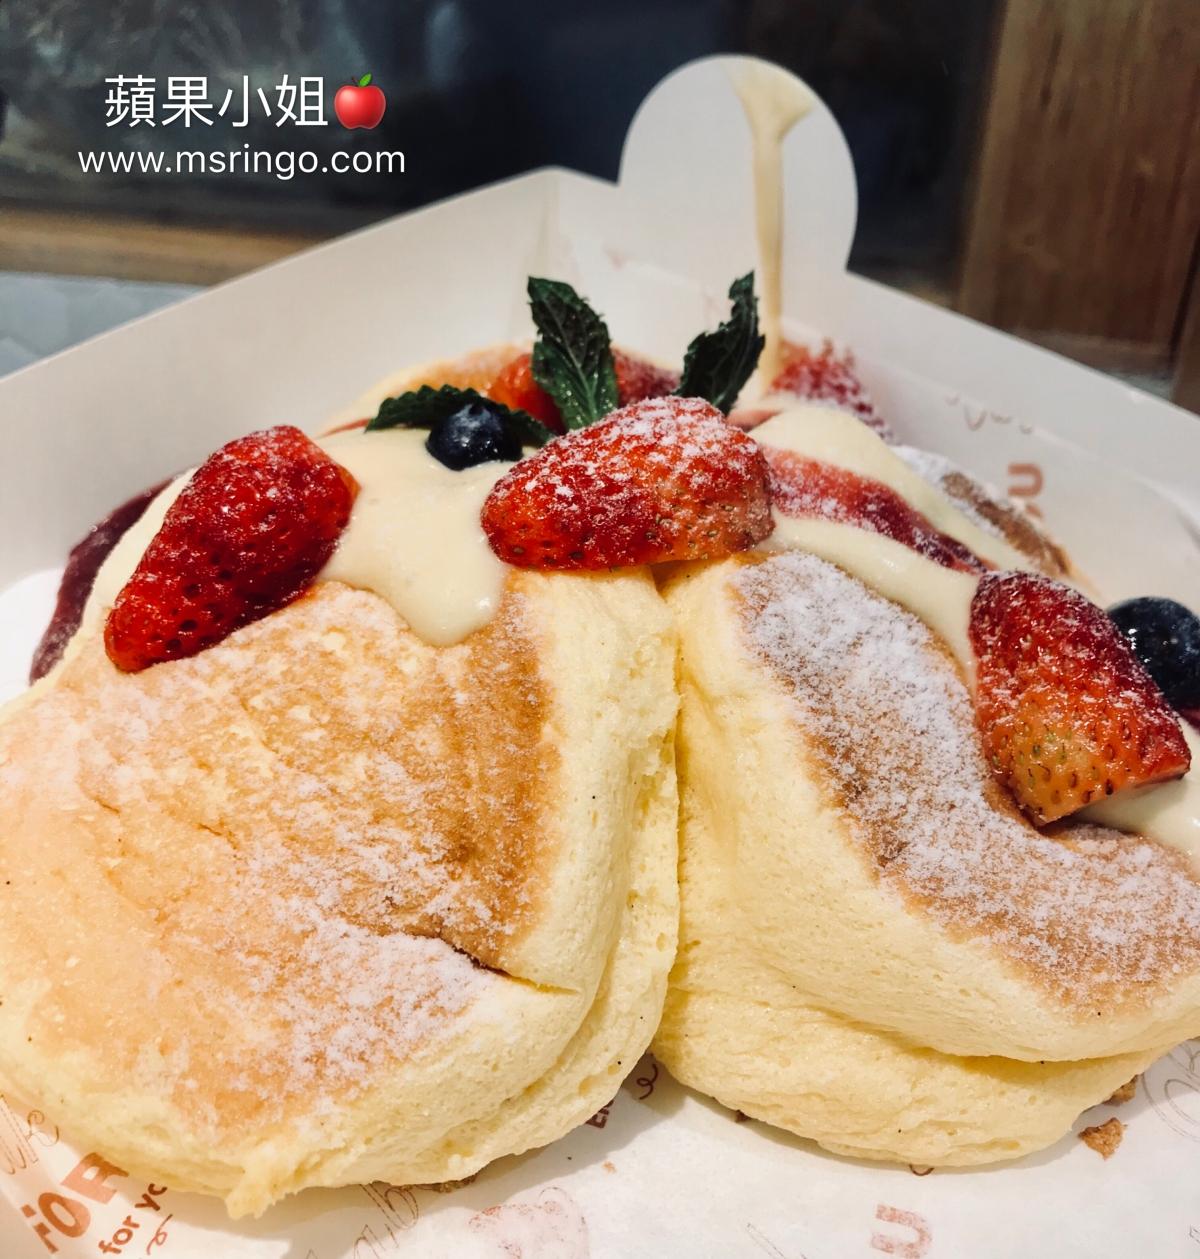 上海 | Hotcake舒馥芮鬆餅・現點現做的鬆軟舒芙蕾鬆餅